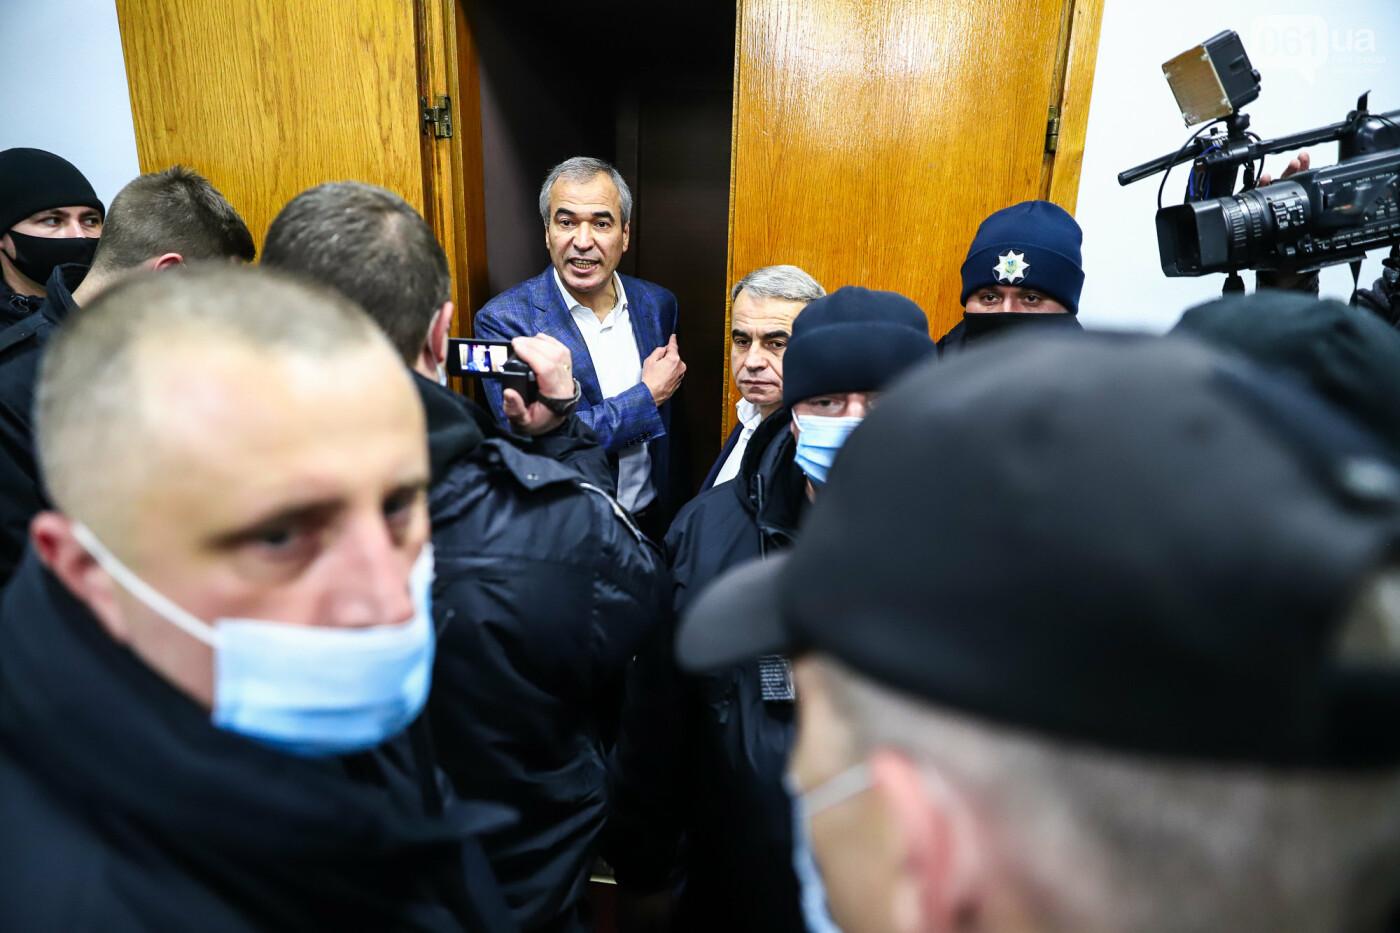 """Тайная """"сессия"""", сотни правоохранителей и стычки с активистами - что происходило в здании Запорожского облсовета, - ФОТО, ВИДЕО , фото-54"""